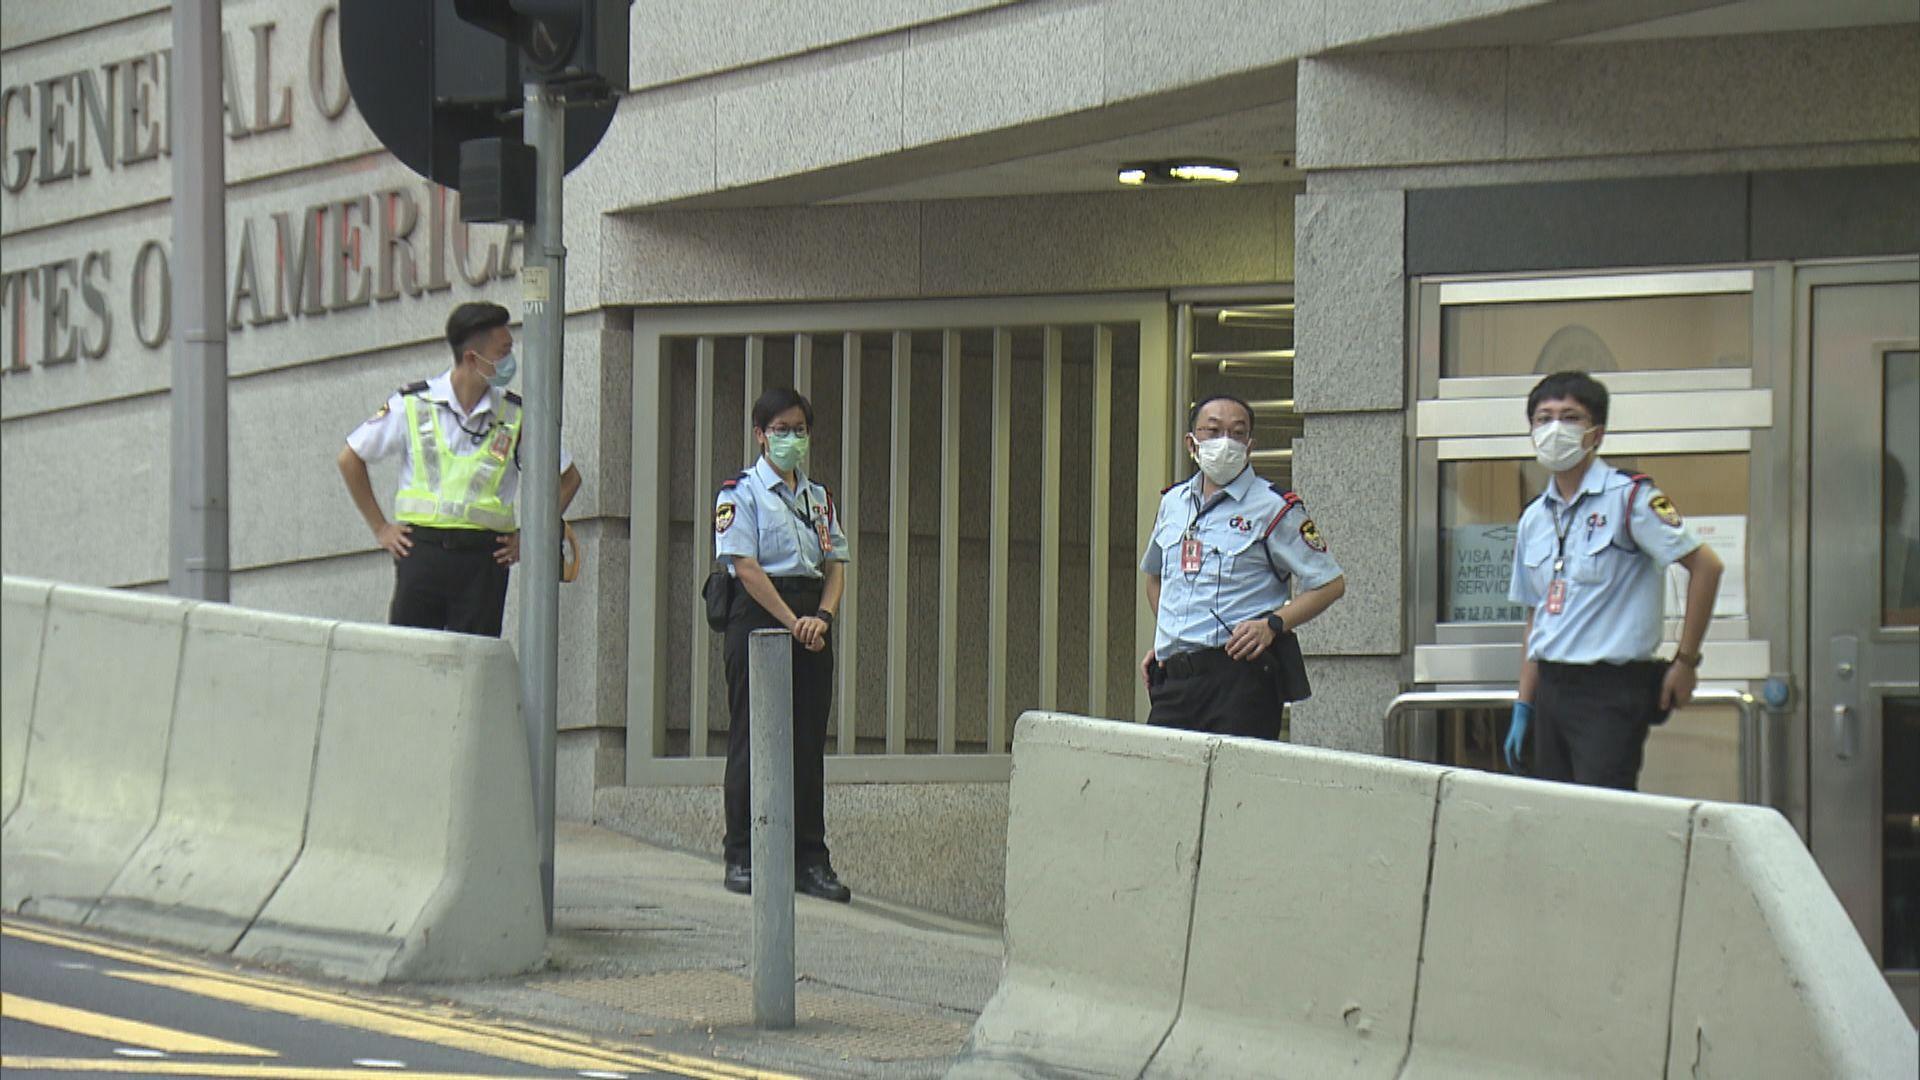 美國駐港總領事館職員遇襲 疑犯於屯門被捕